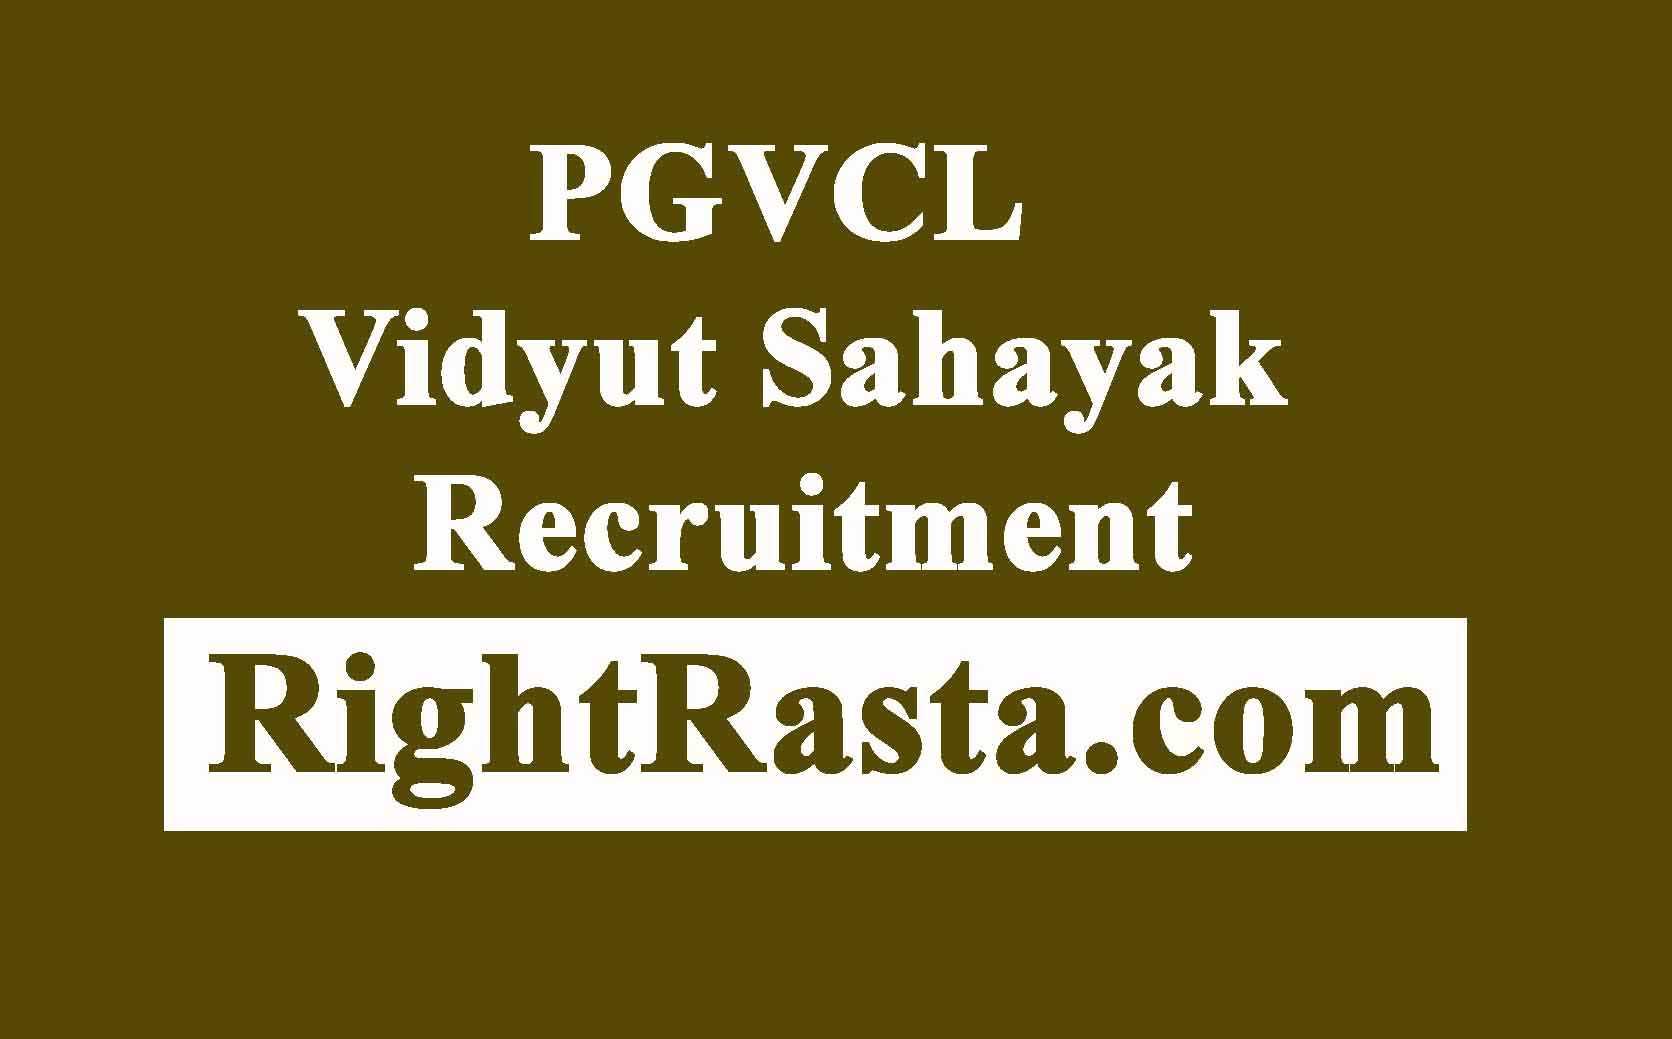 PGVCL Vidyut Sahayak Recruitment 2018